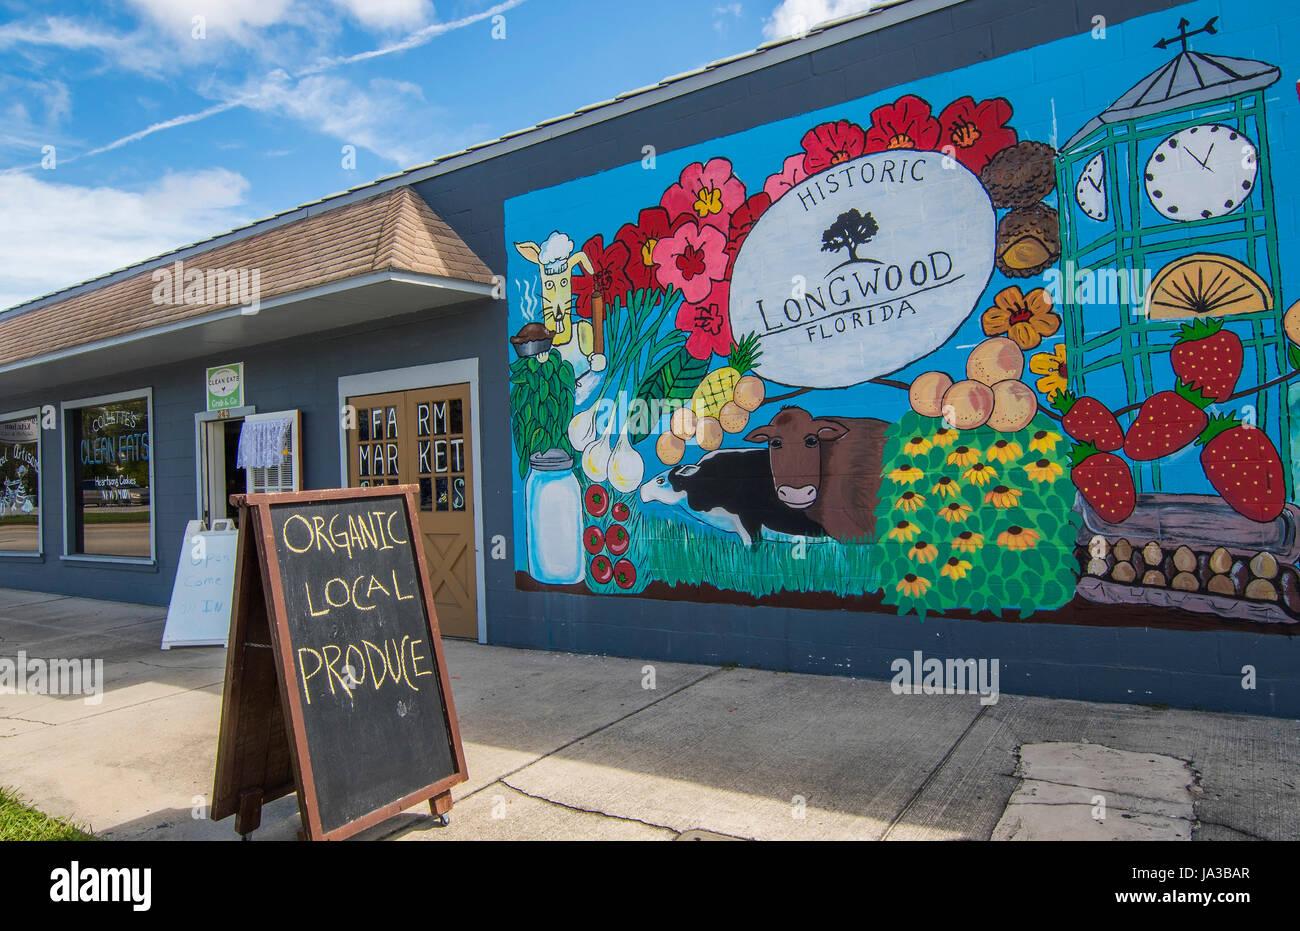 Longwood Florida 1878 artwork murale sur mur dans le centre-ville de petite ville, Banque D'Images